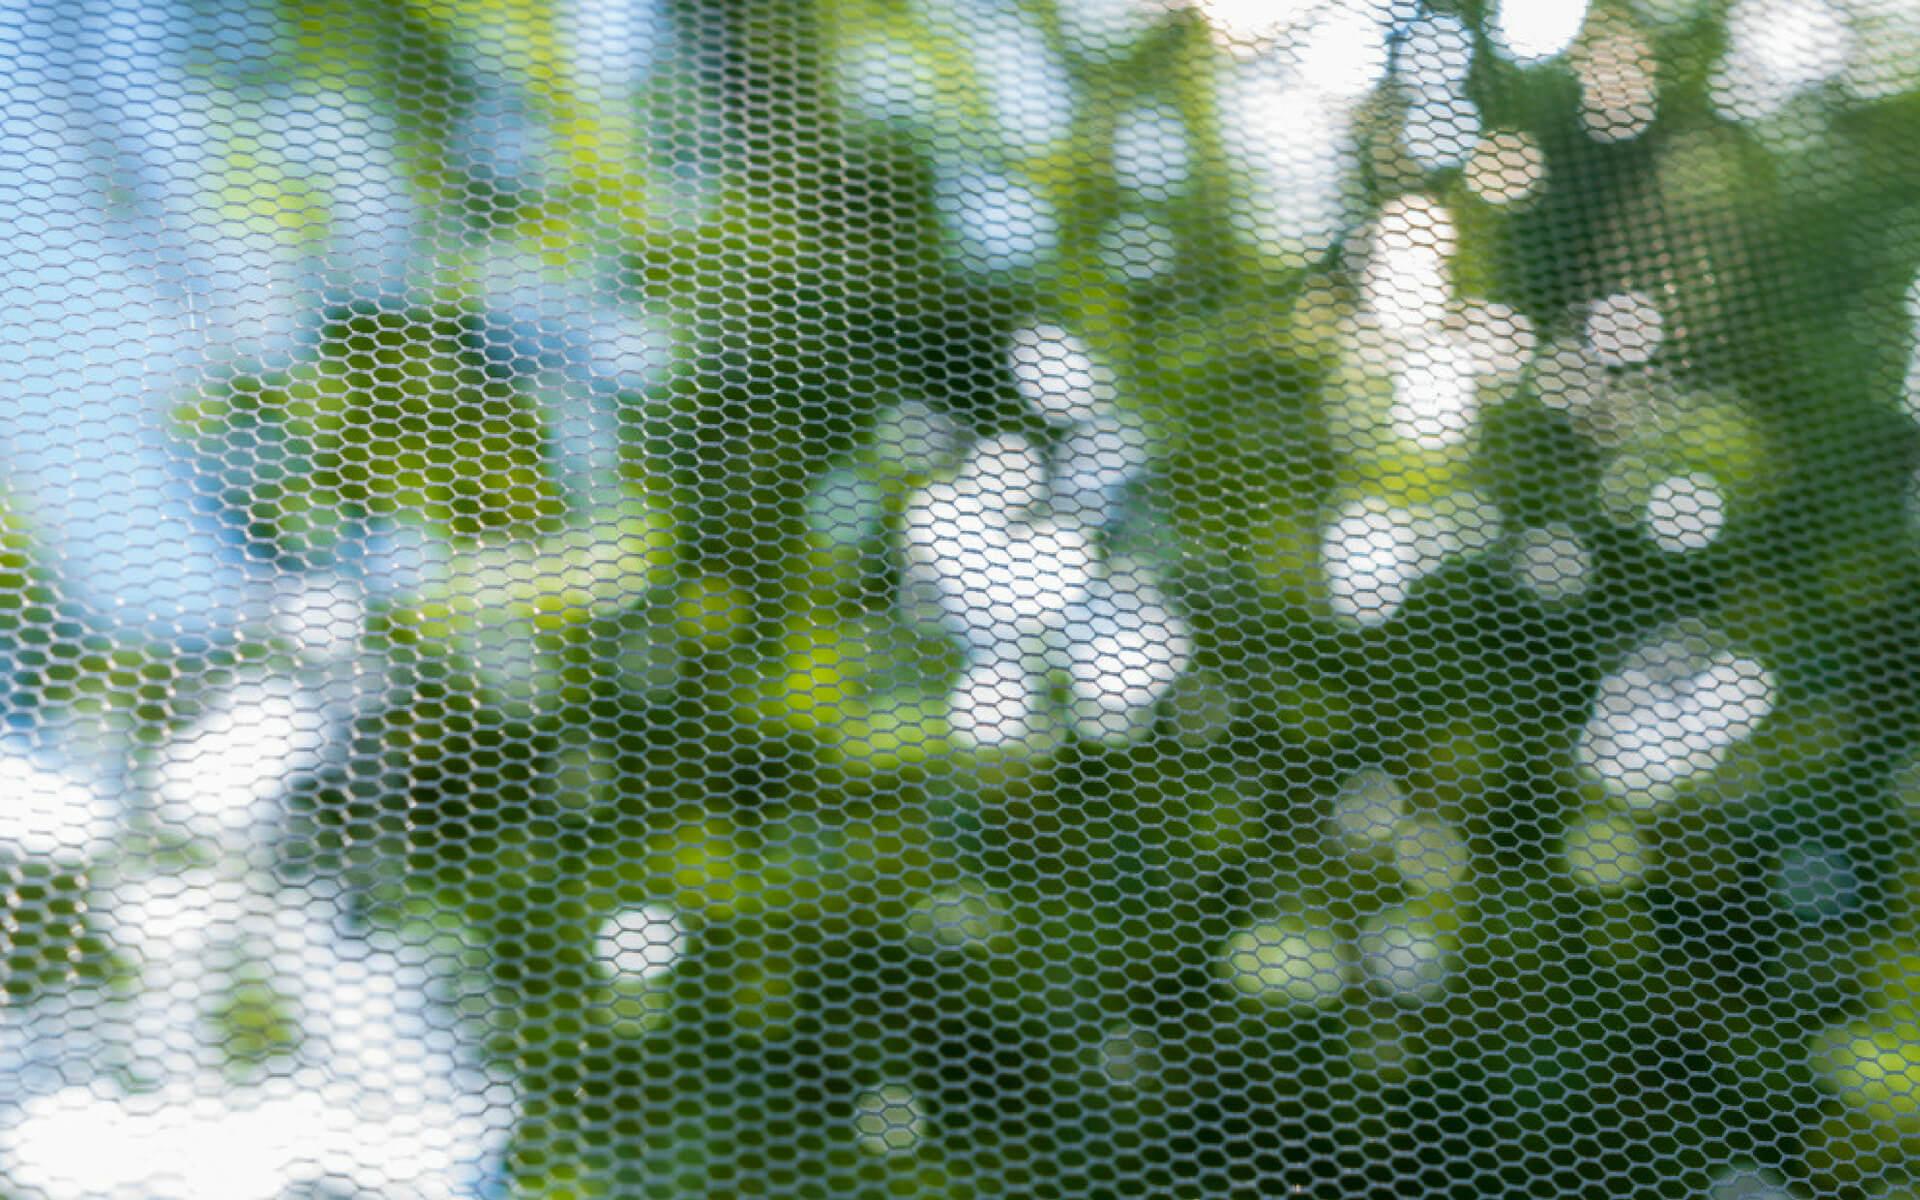 Installare delle zanzariere alle finestre è il rimedio migliore per eliminare le cimici da casa